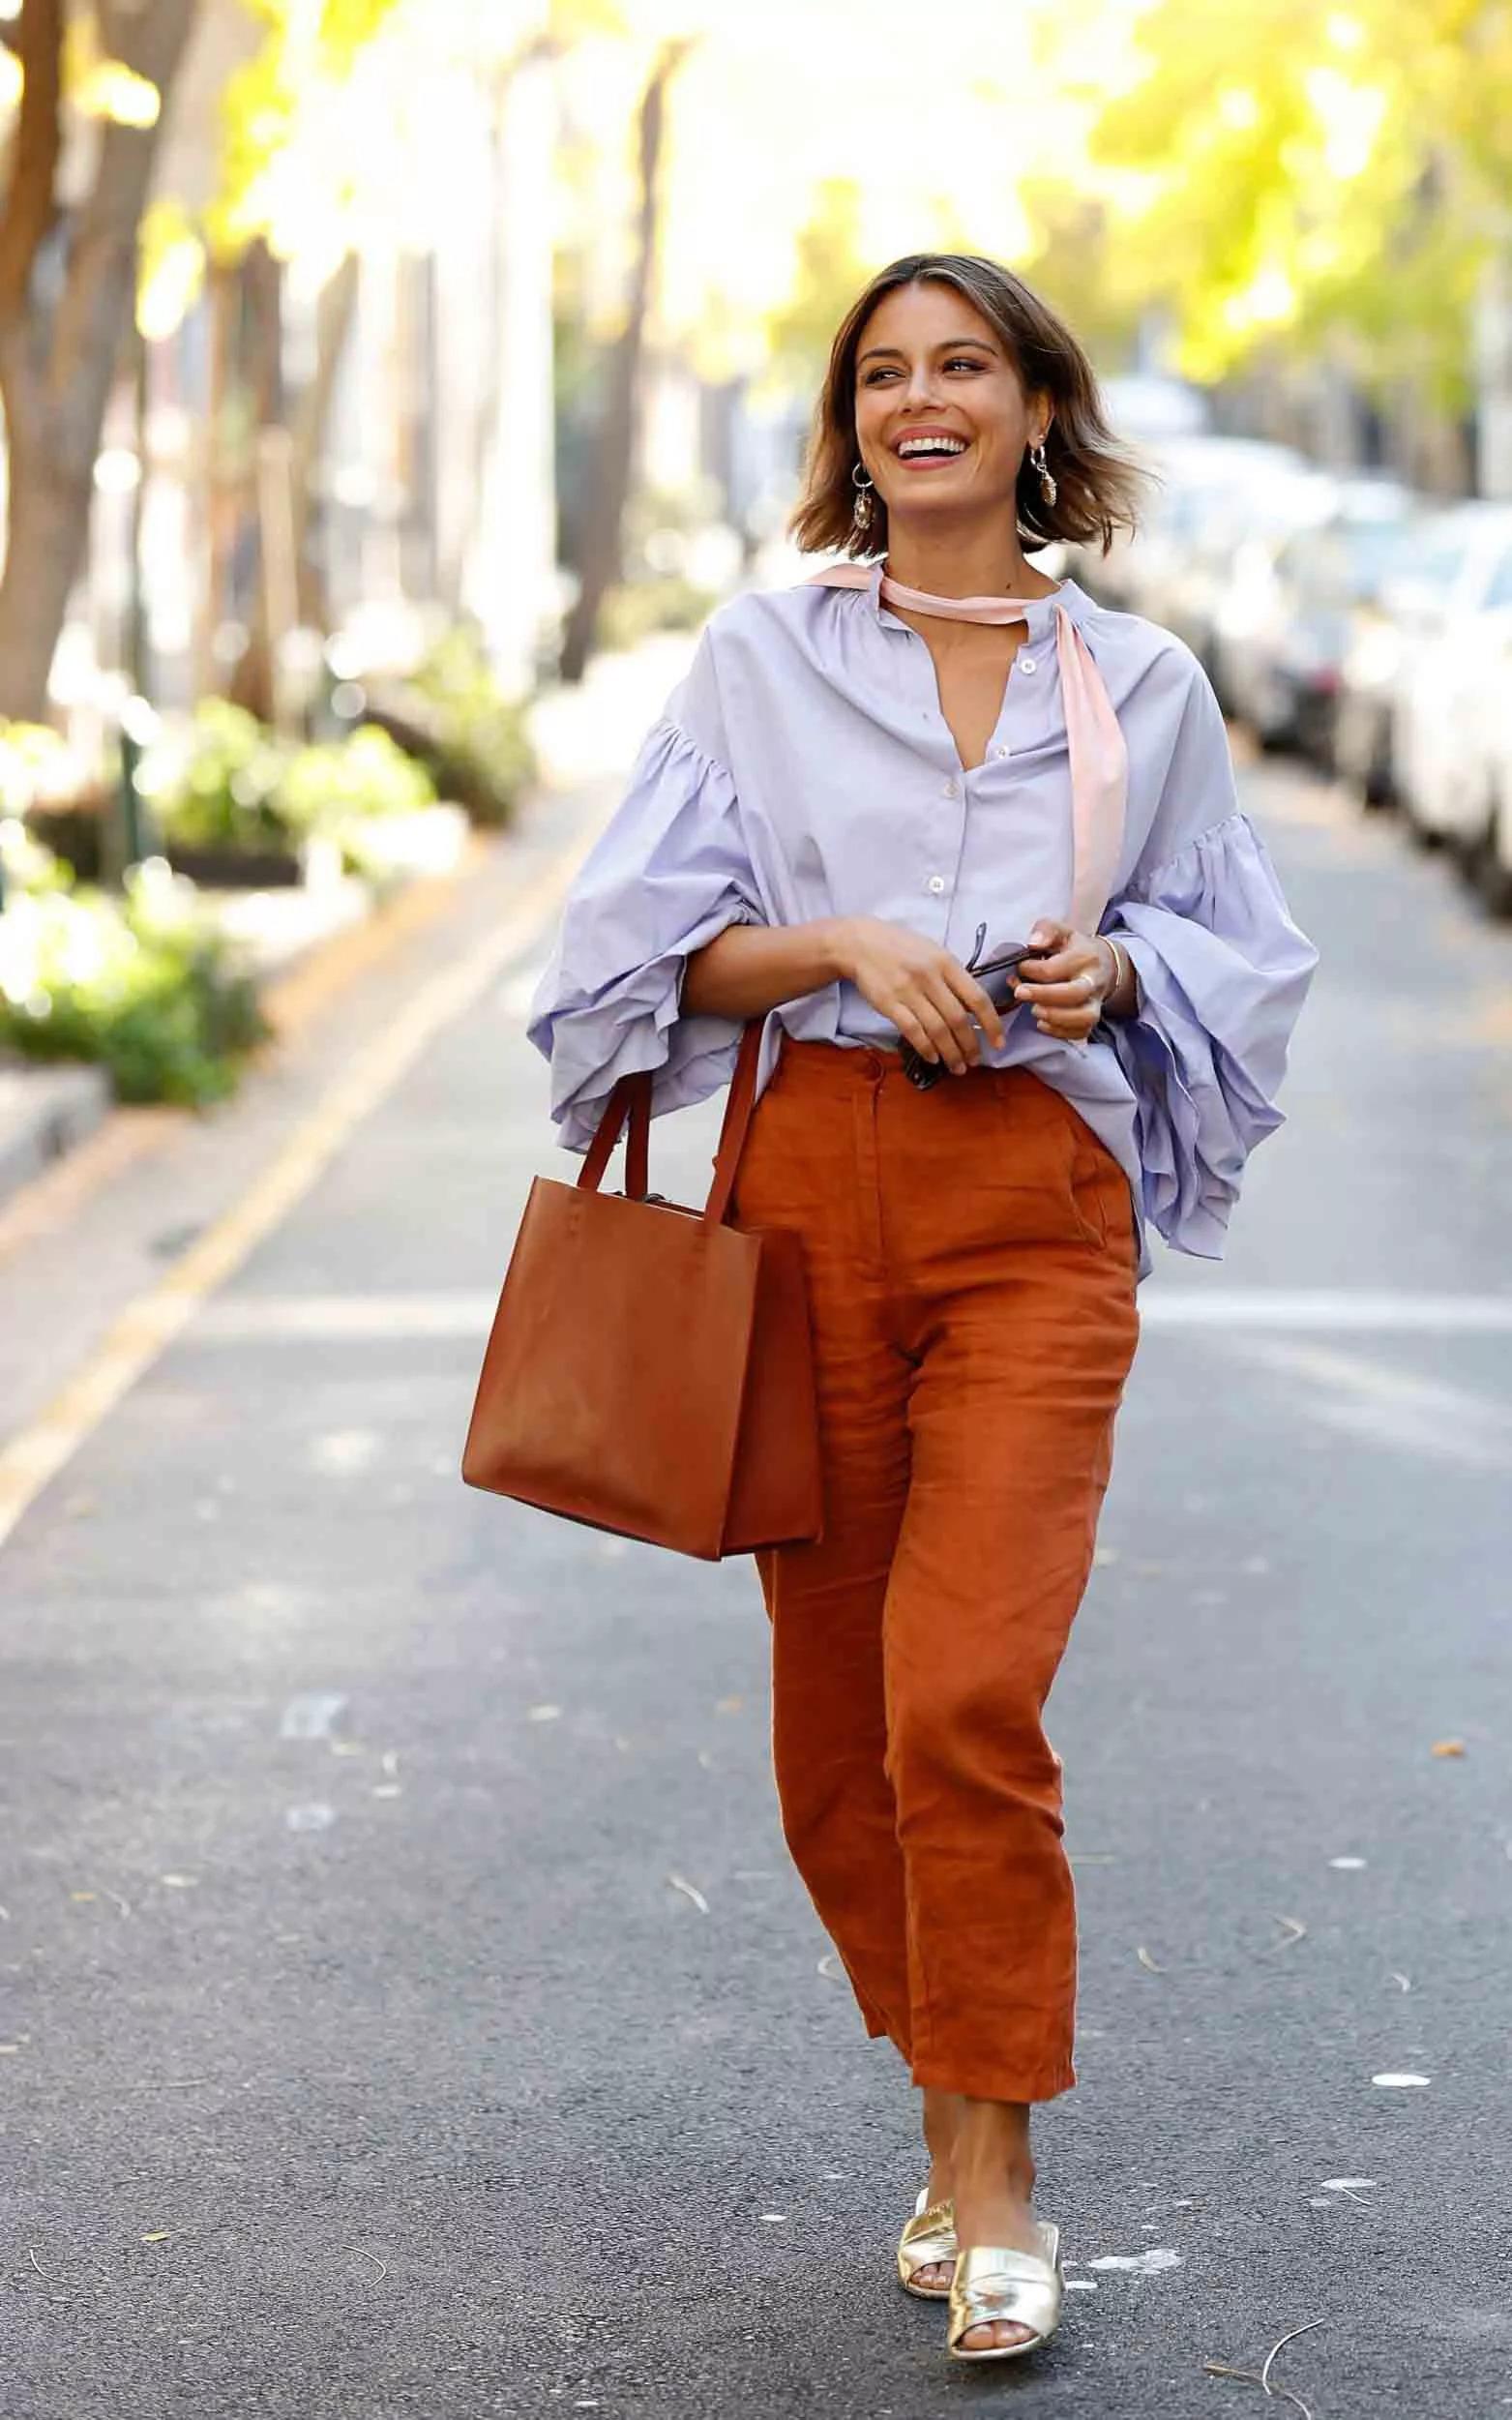 Quần vải linen màu cam đất phối cùng áo sơ mi xanh